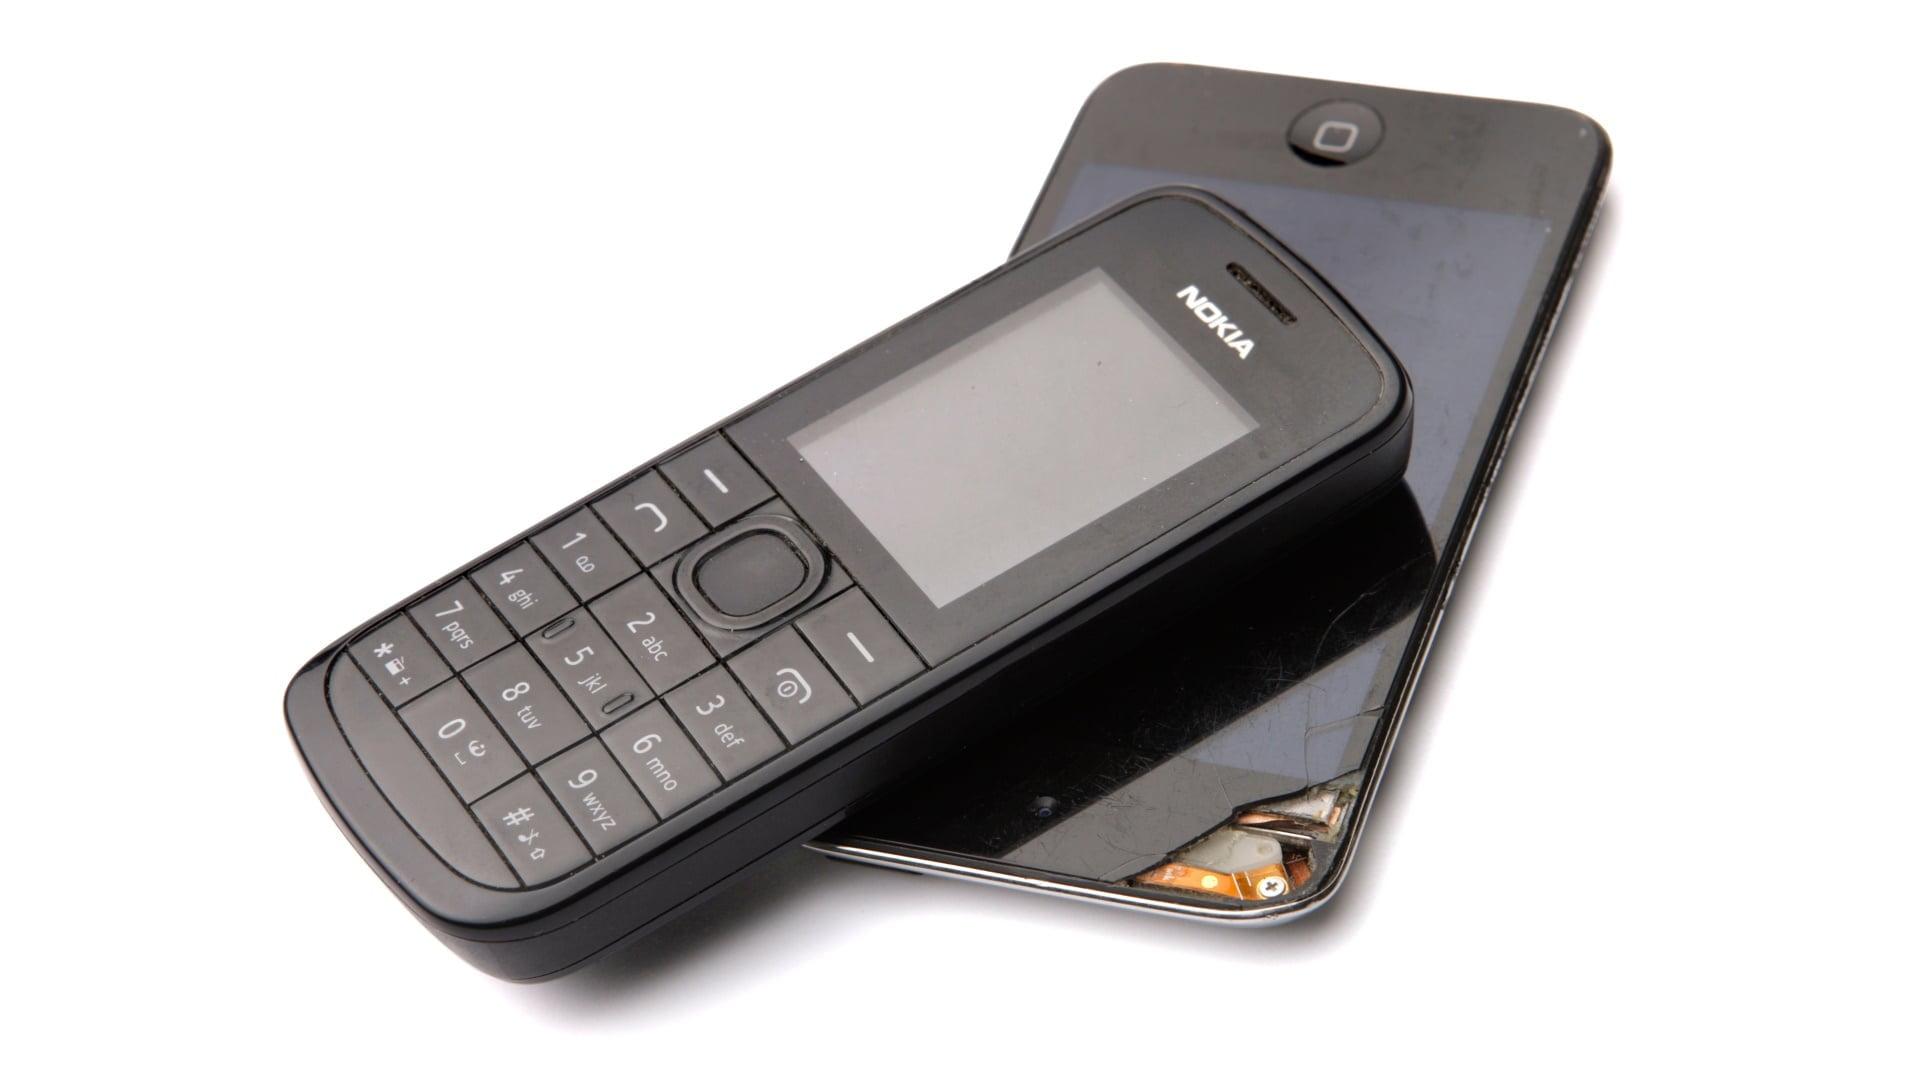 Mobiltelefon og smartphone